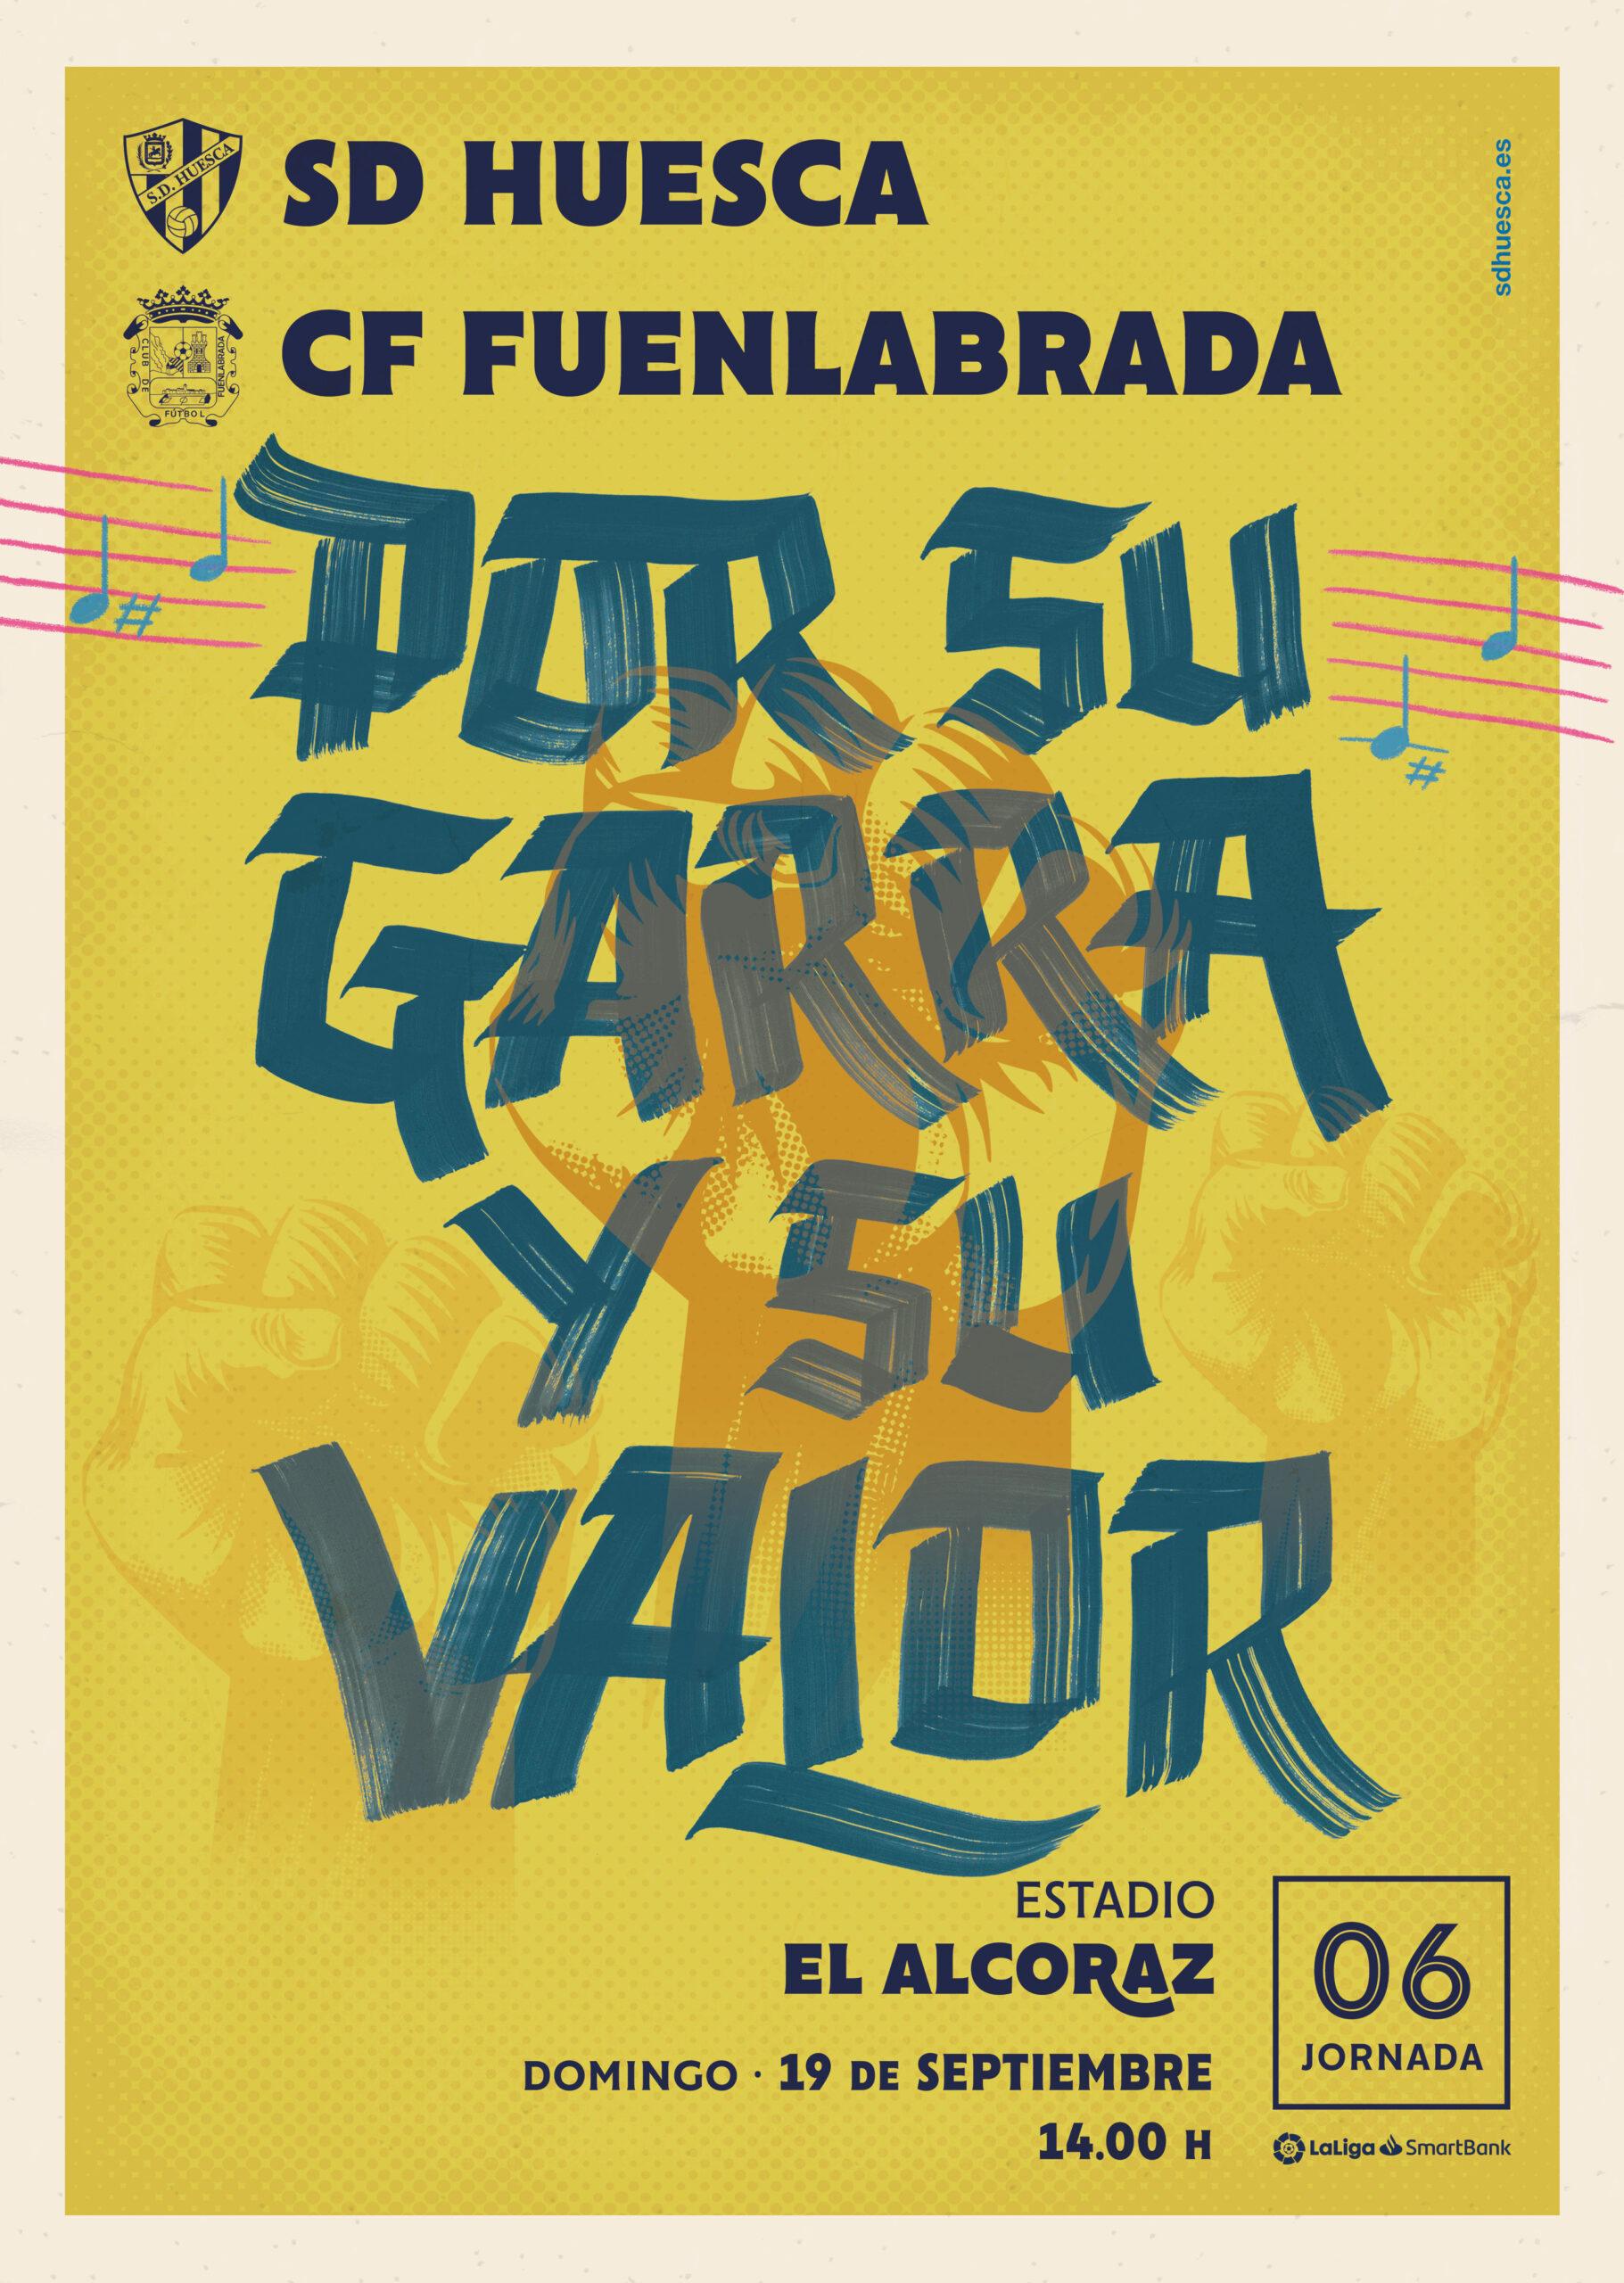 J6: SD Huesca - CF Fuenlabrada